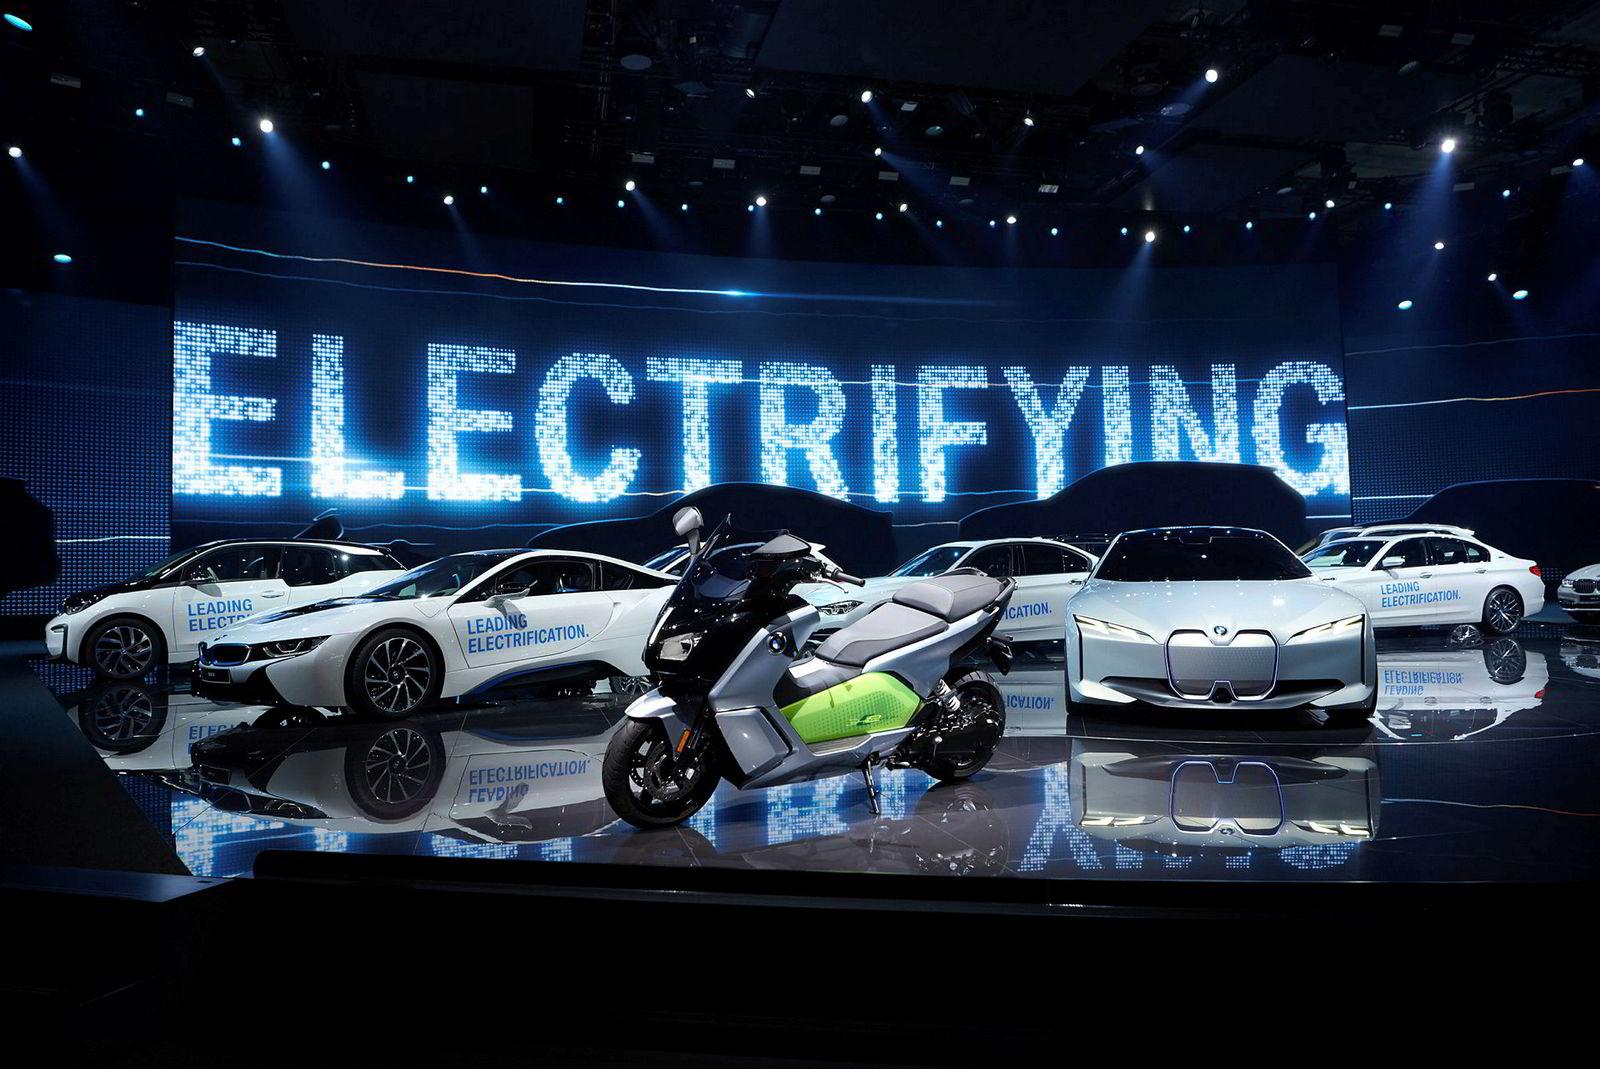 BMW-standen var preget av elektriske biler, men ingen av dem drevet av brenselceller.